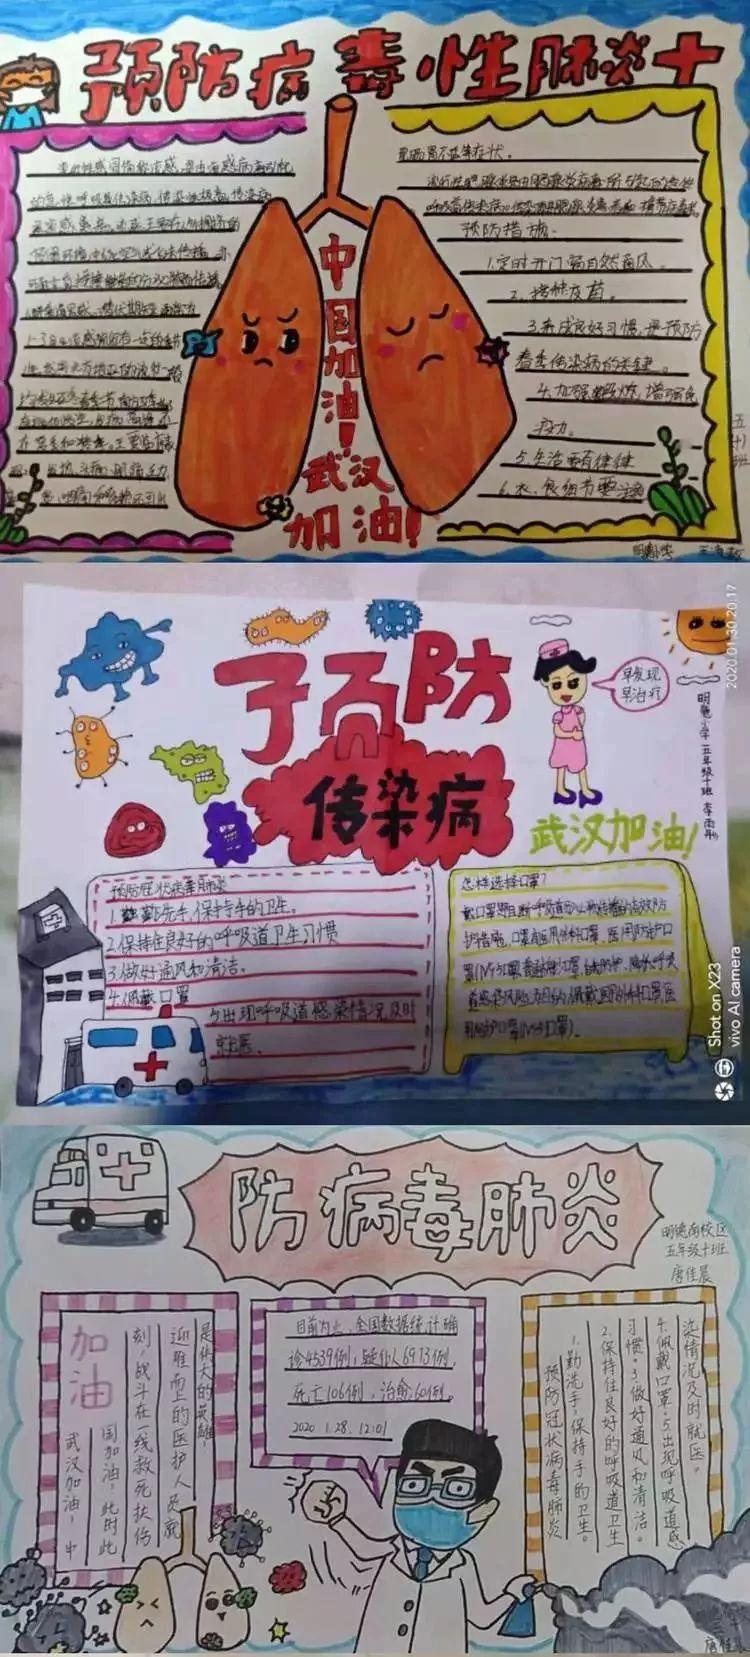 的队员们通过绘制手抄报,与父母一起学习疫情防控知识,为武汉助力加油